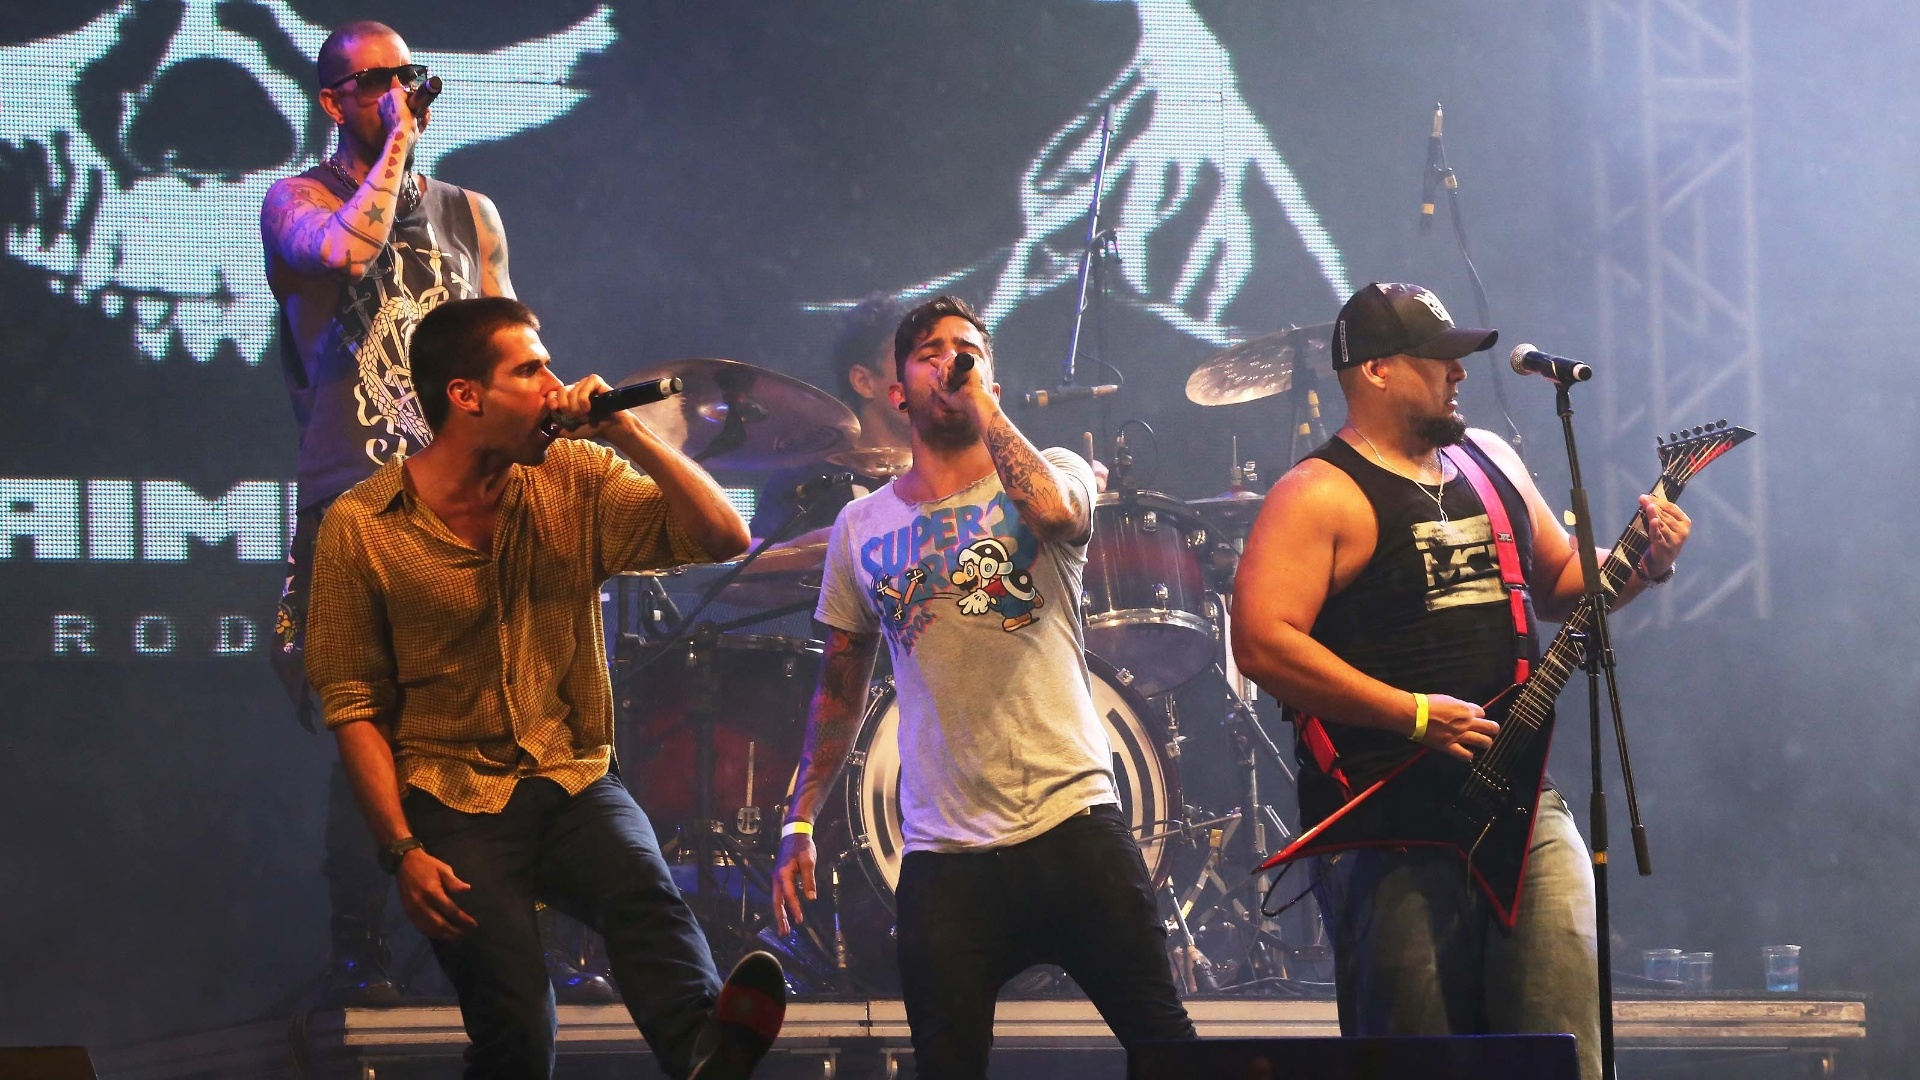 14.abr.2013 - Integrantes das bandas Fresno, Detonautas, Raimundos e ForFun participam de show em homenagem ao cantor Chorão no palco Nova Iguaçu do Viradão Carioca